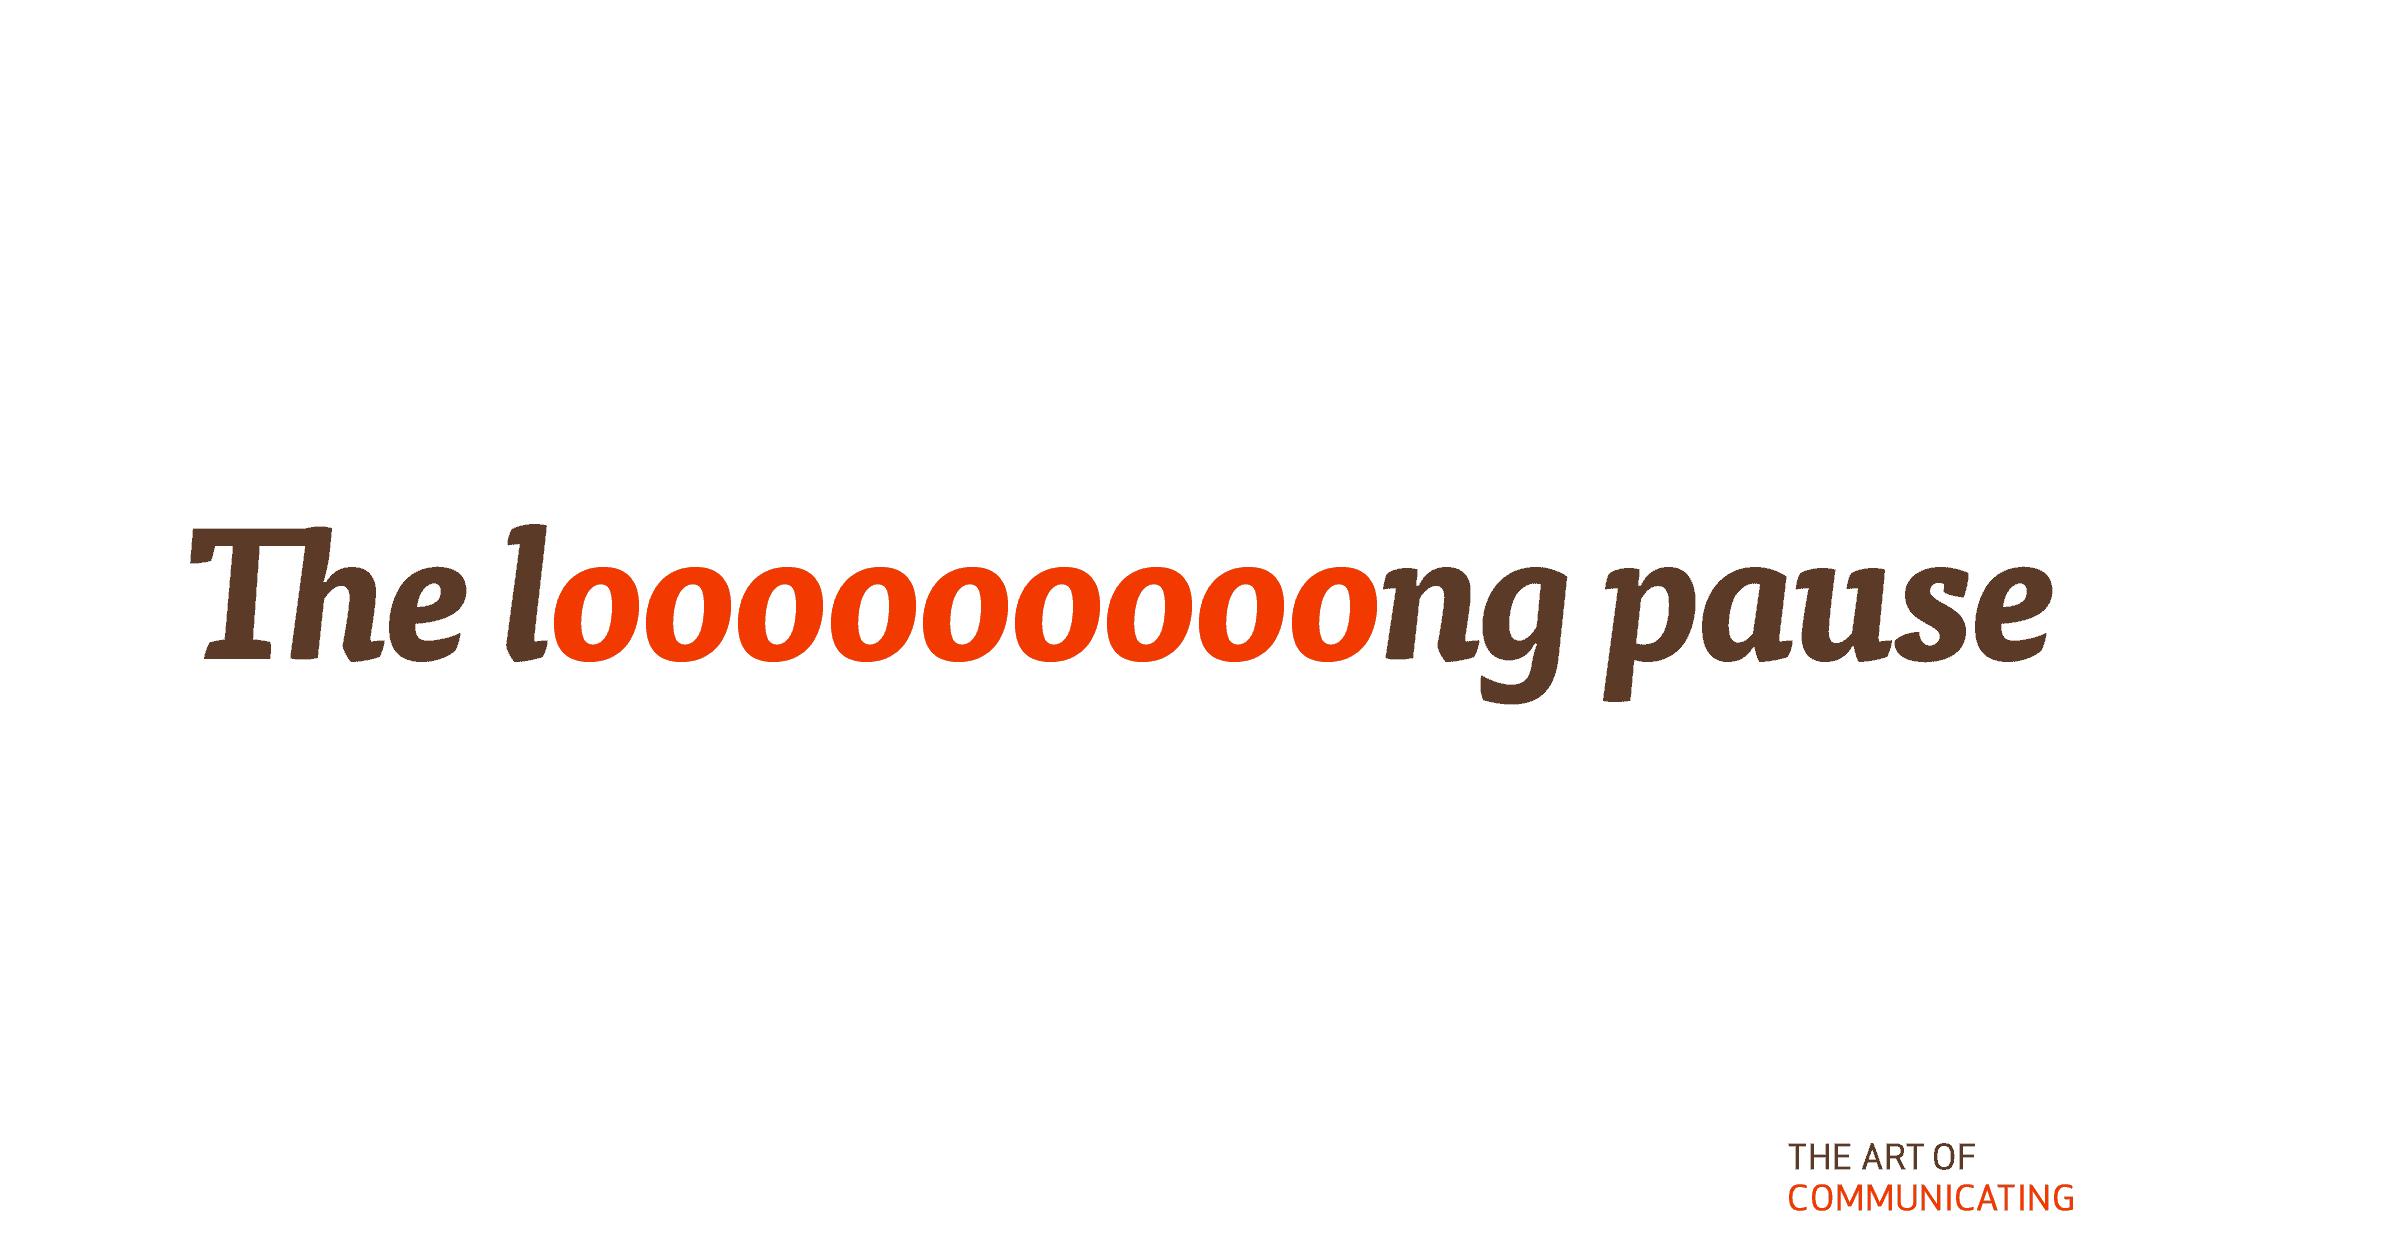 The looooooong pause